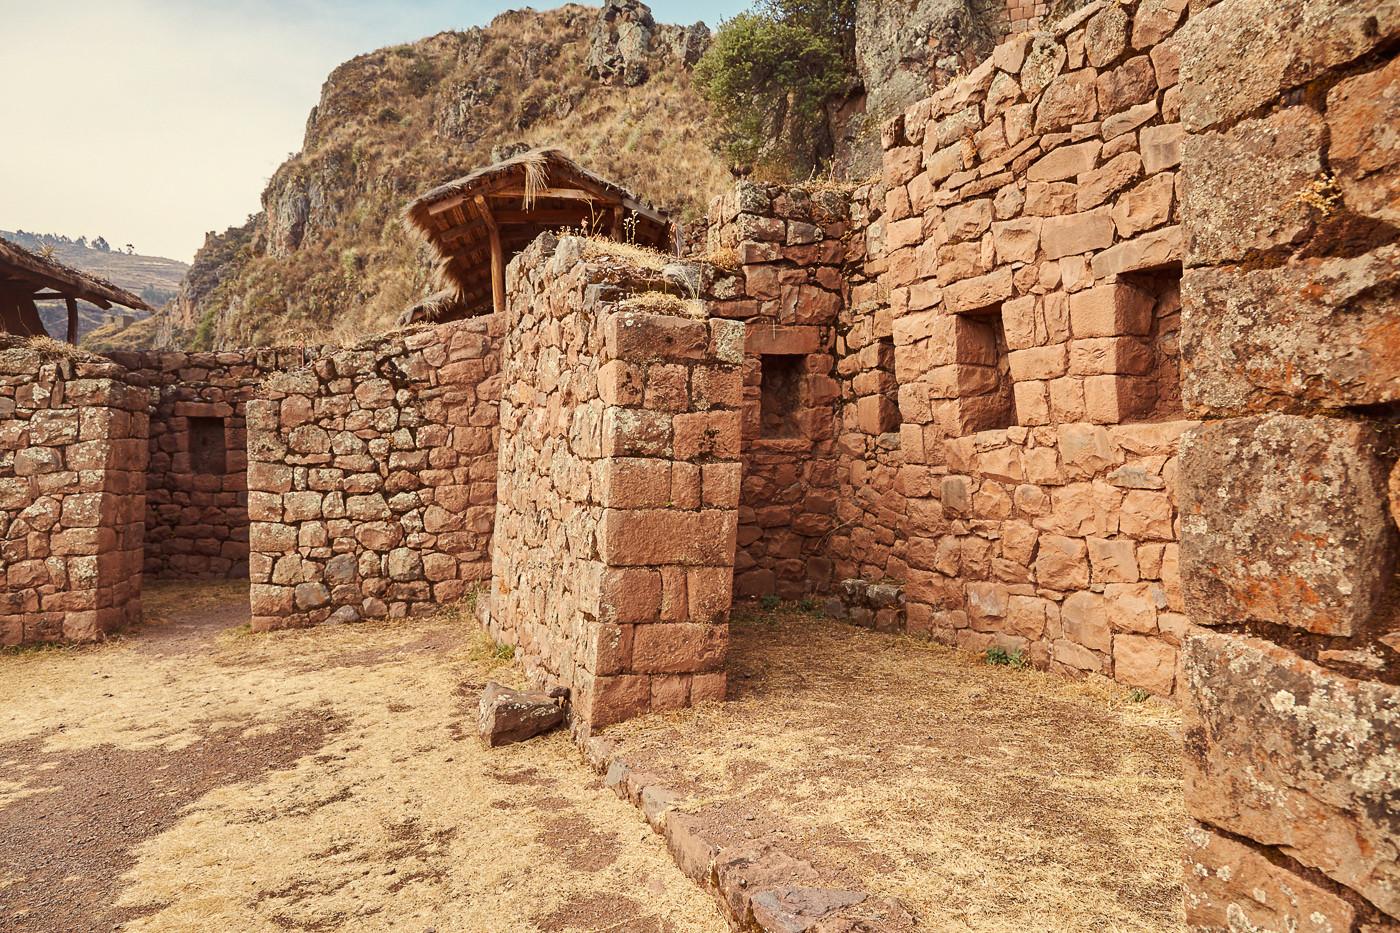 Die Pisac Ruinen im Heiligen Tal der Inka in Peru solltest du dir unbedingt länger ansehen! Ein Spaziergang weit in die Ruinen hinein zahlt sich voll aus